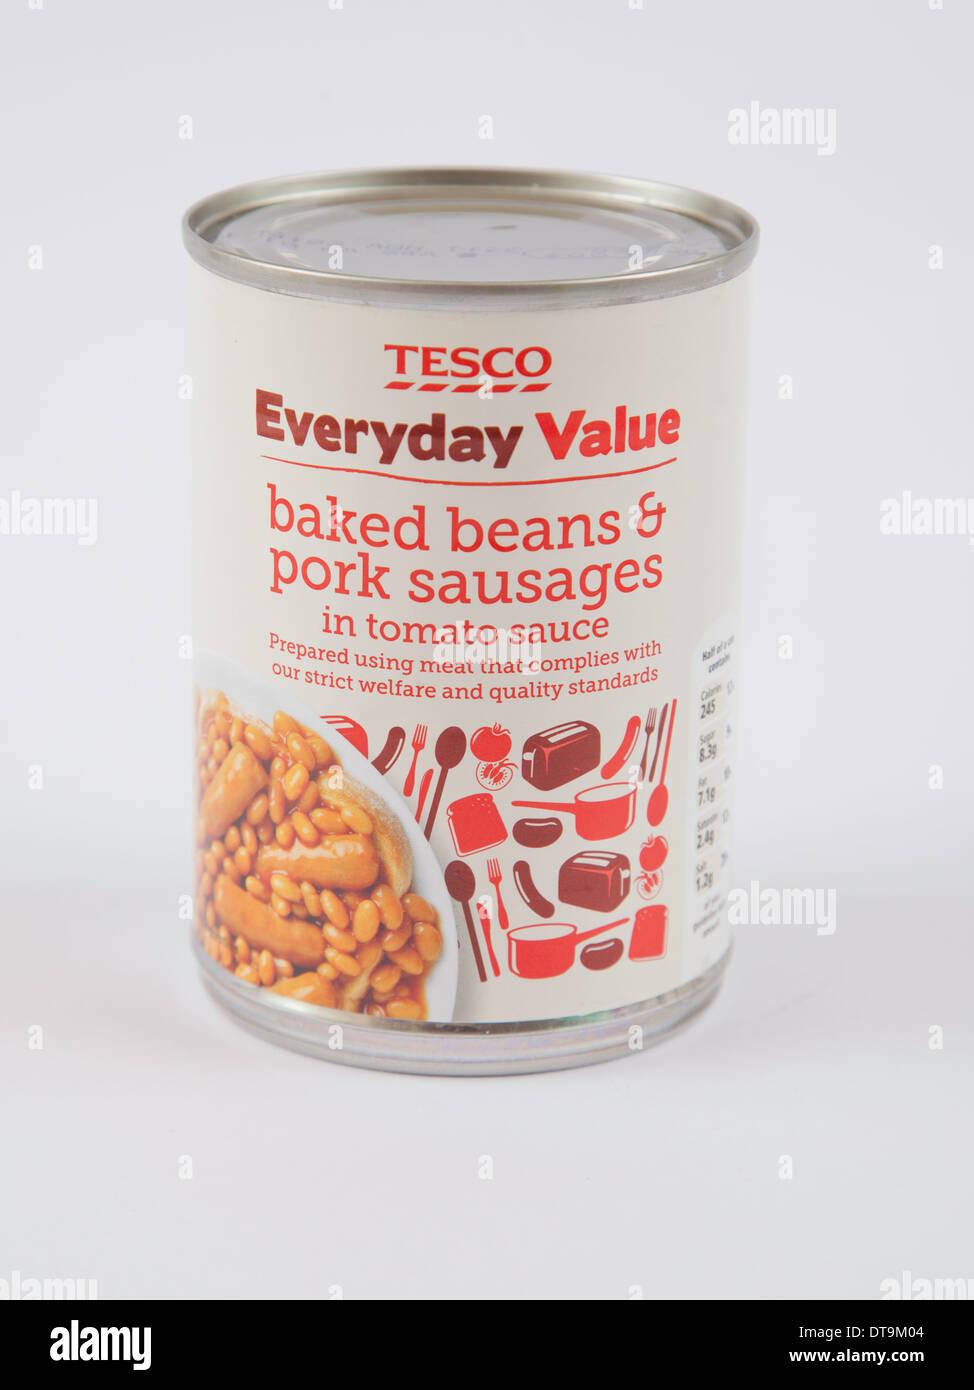 Tesco valore quotidiano le conserve di Fagioli e salsicce in salsa di pomodoro Immagini Stock